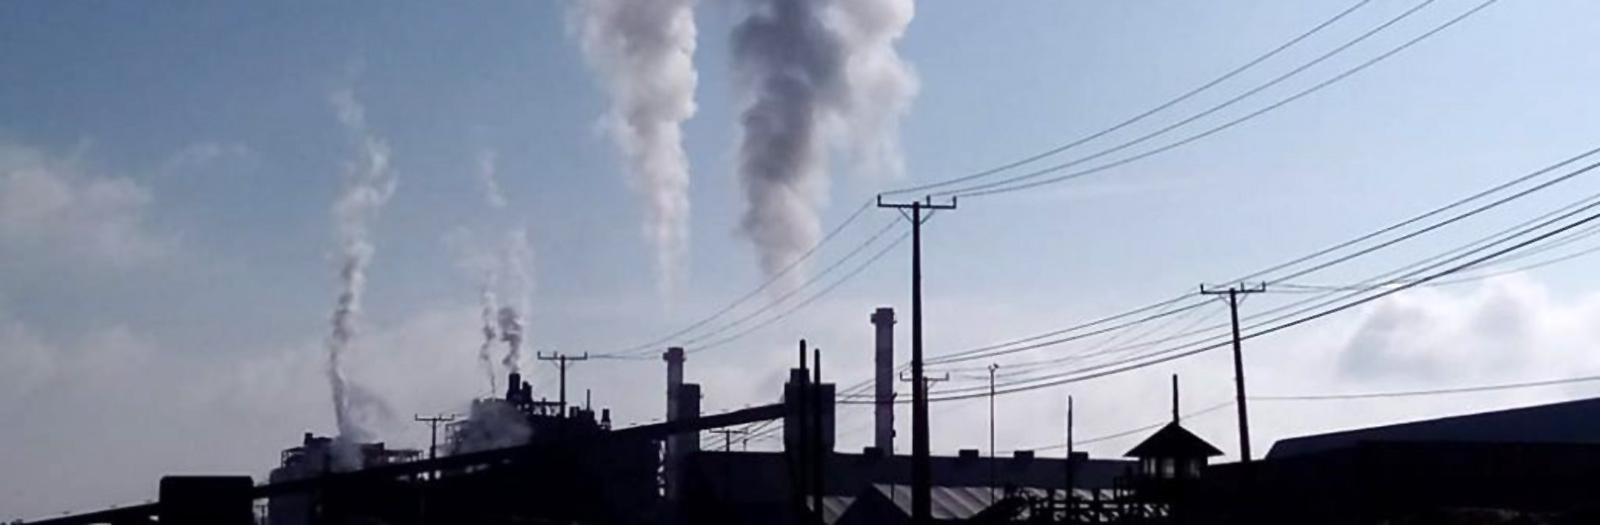 contaminacion-quintero